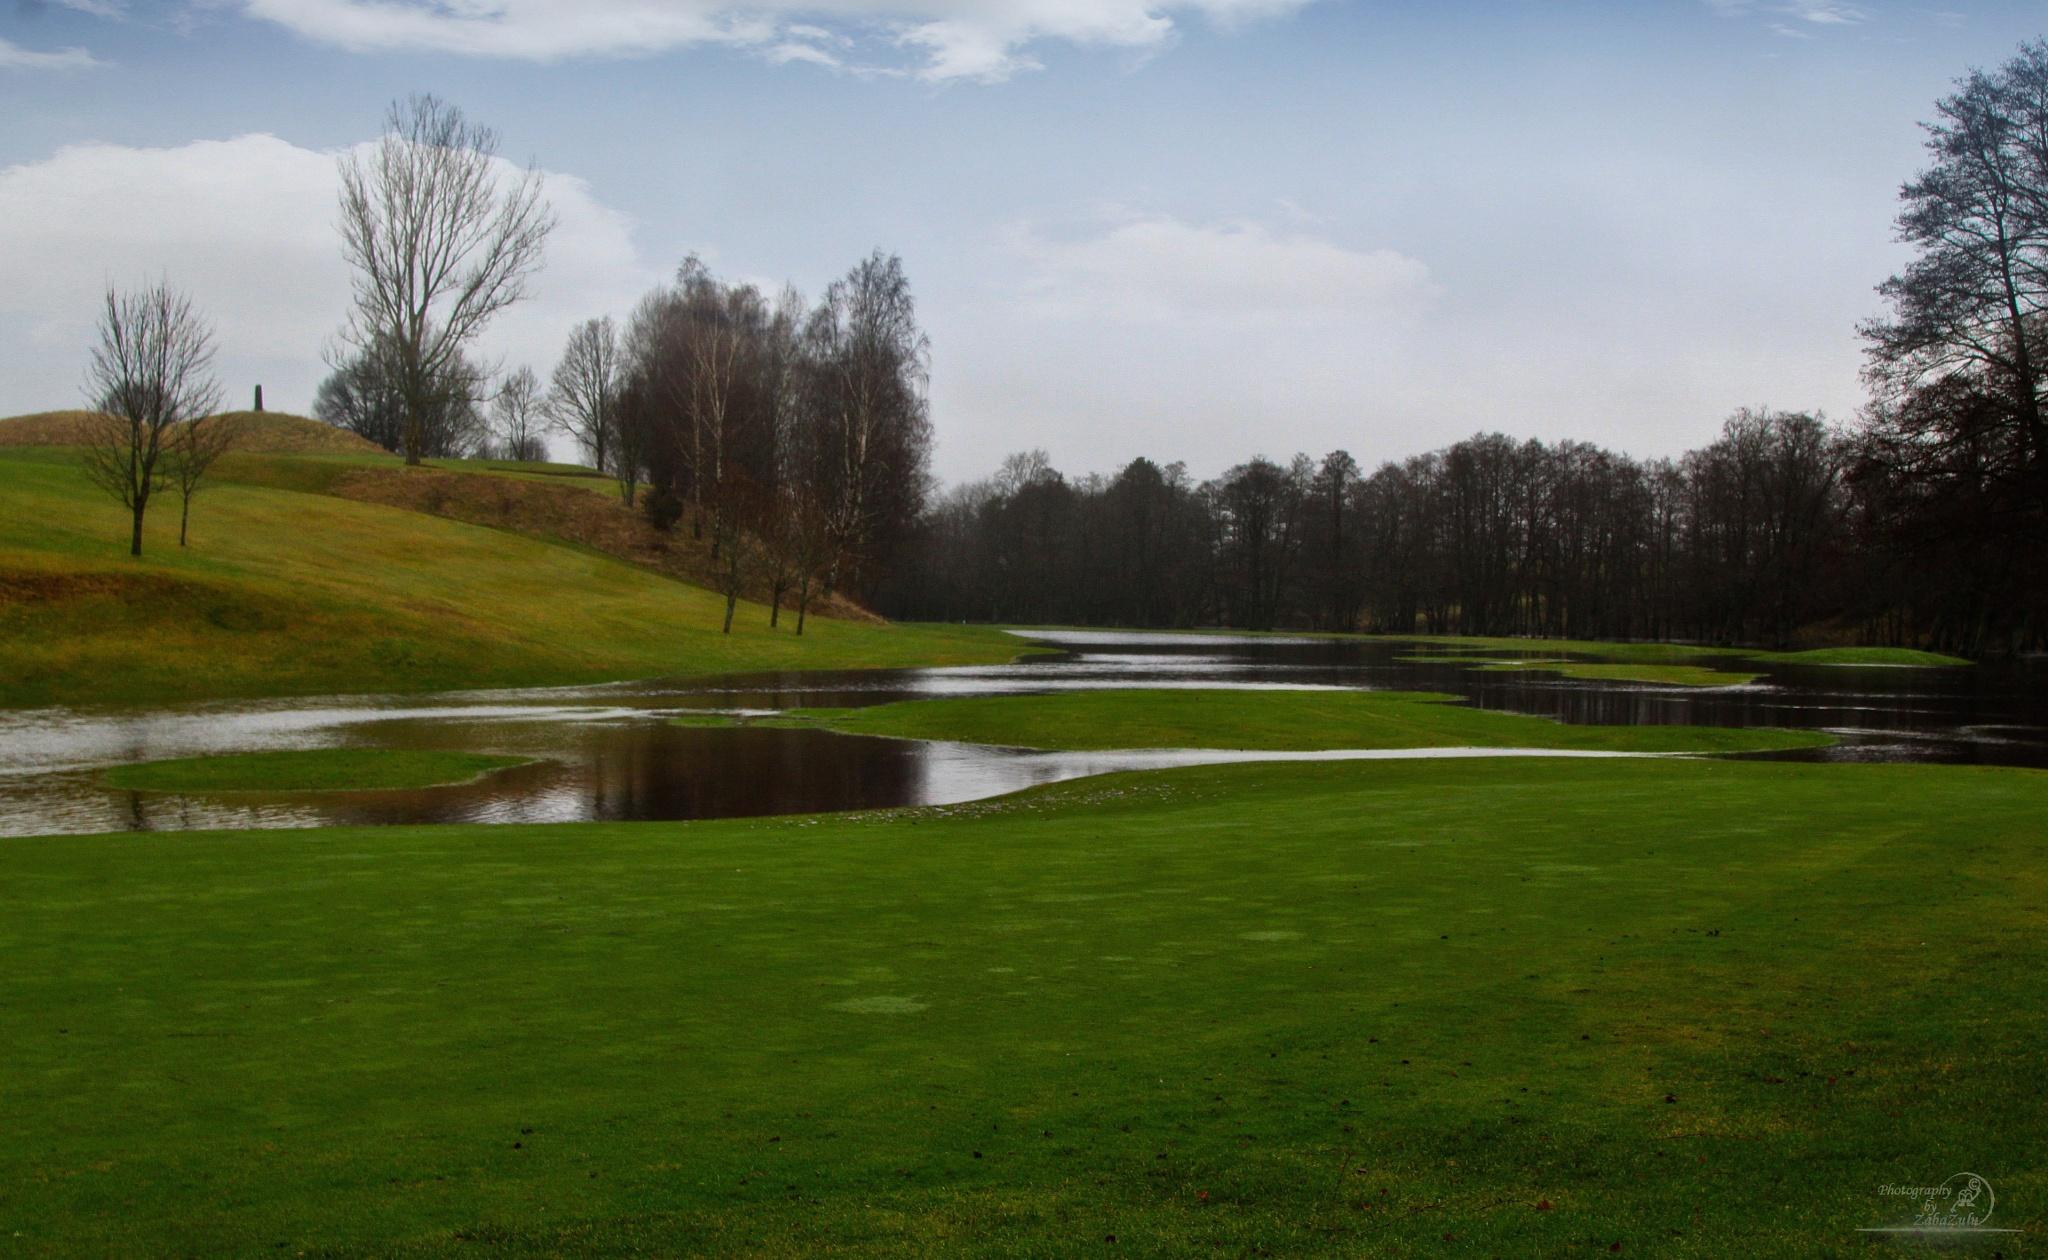 No golf today by zabazulu